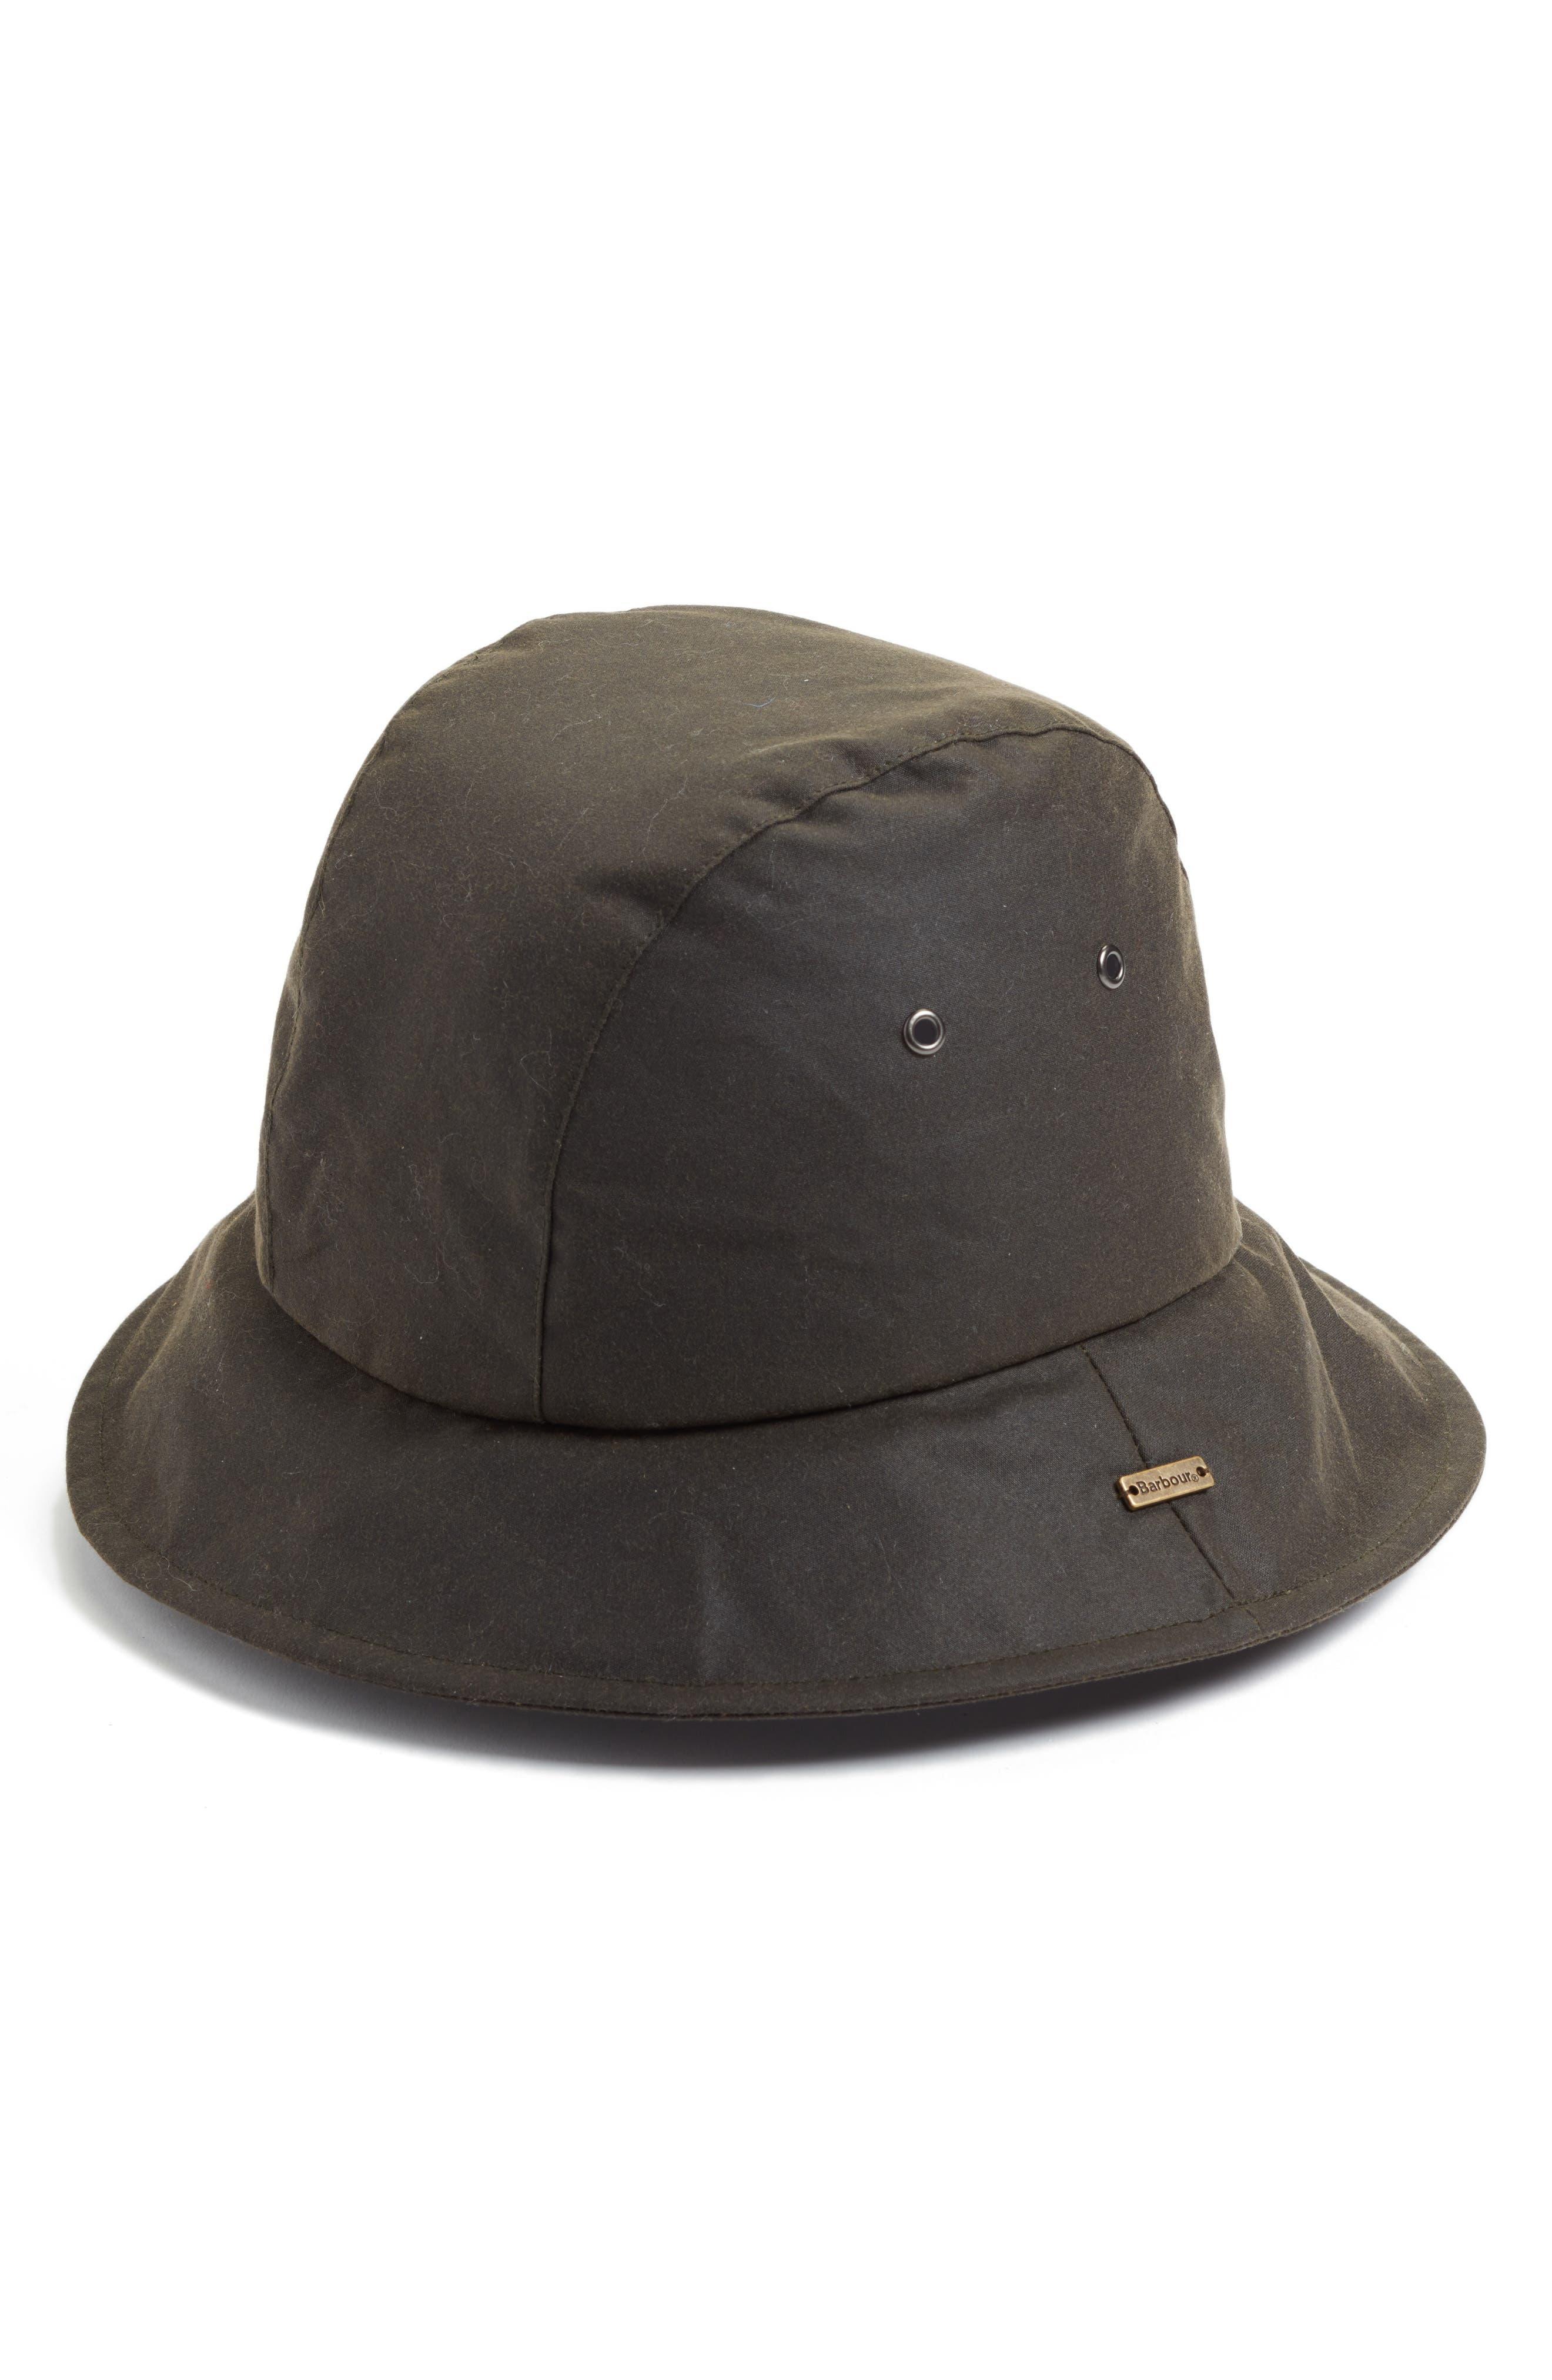 BARBOUR,                             Barbou Sou Wester Bucket Hat,                             Main thumbnail 1, color,                             340